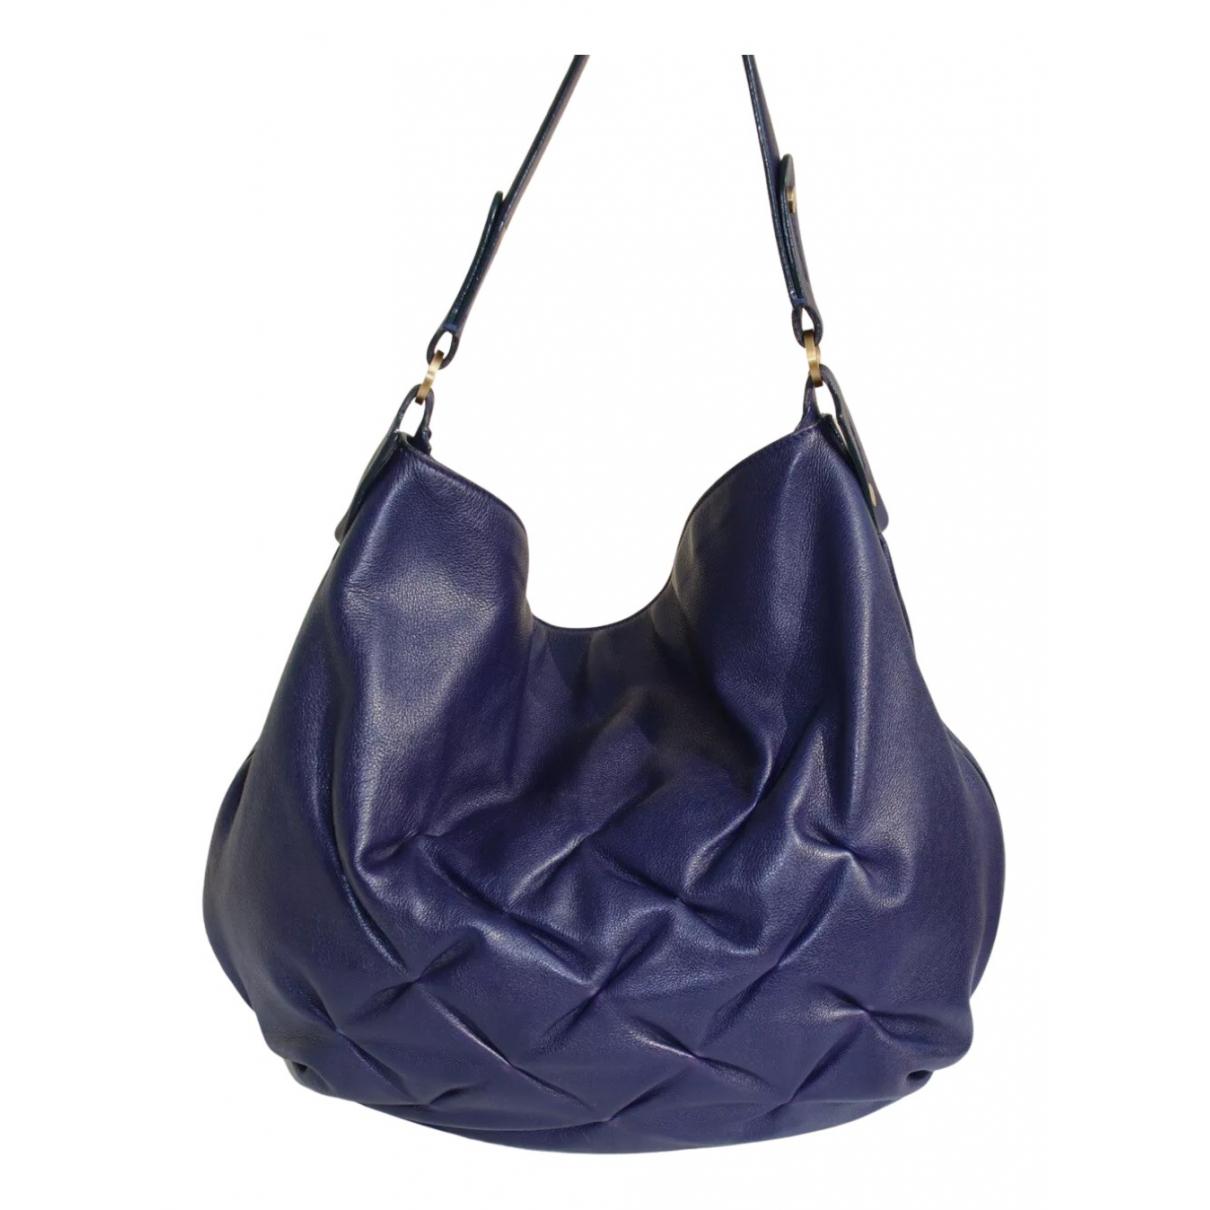 Smythson - Sac a main   pour femme en cuir - violet